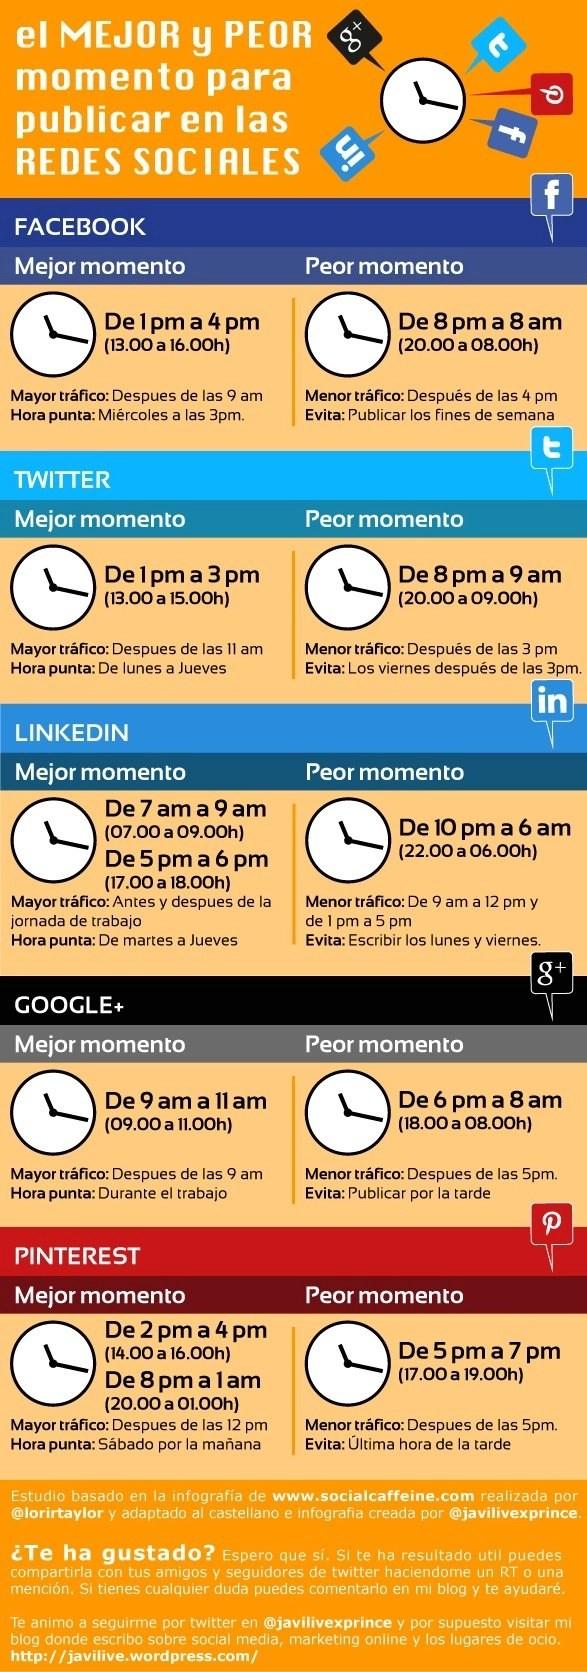 mejores horas para compartir en redes sociales